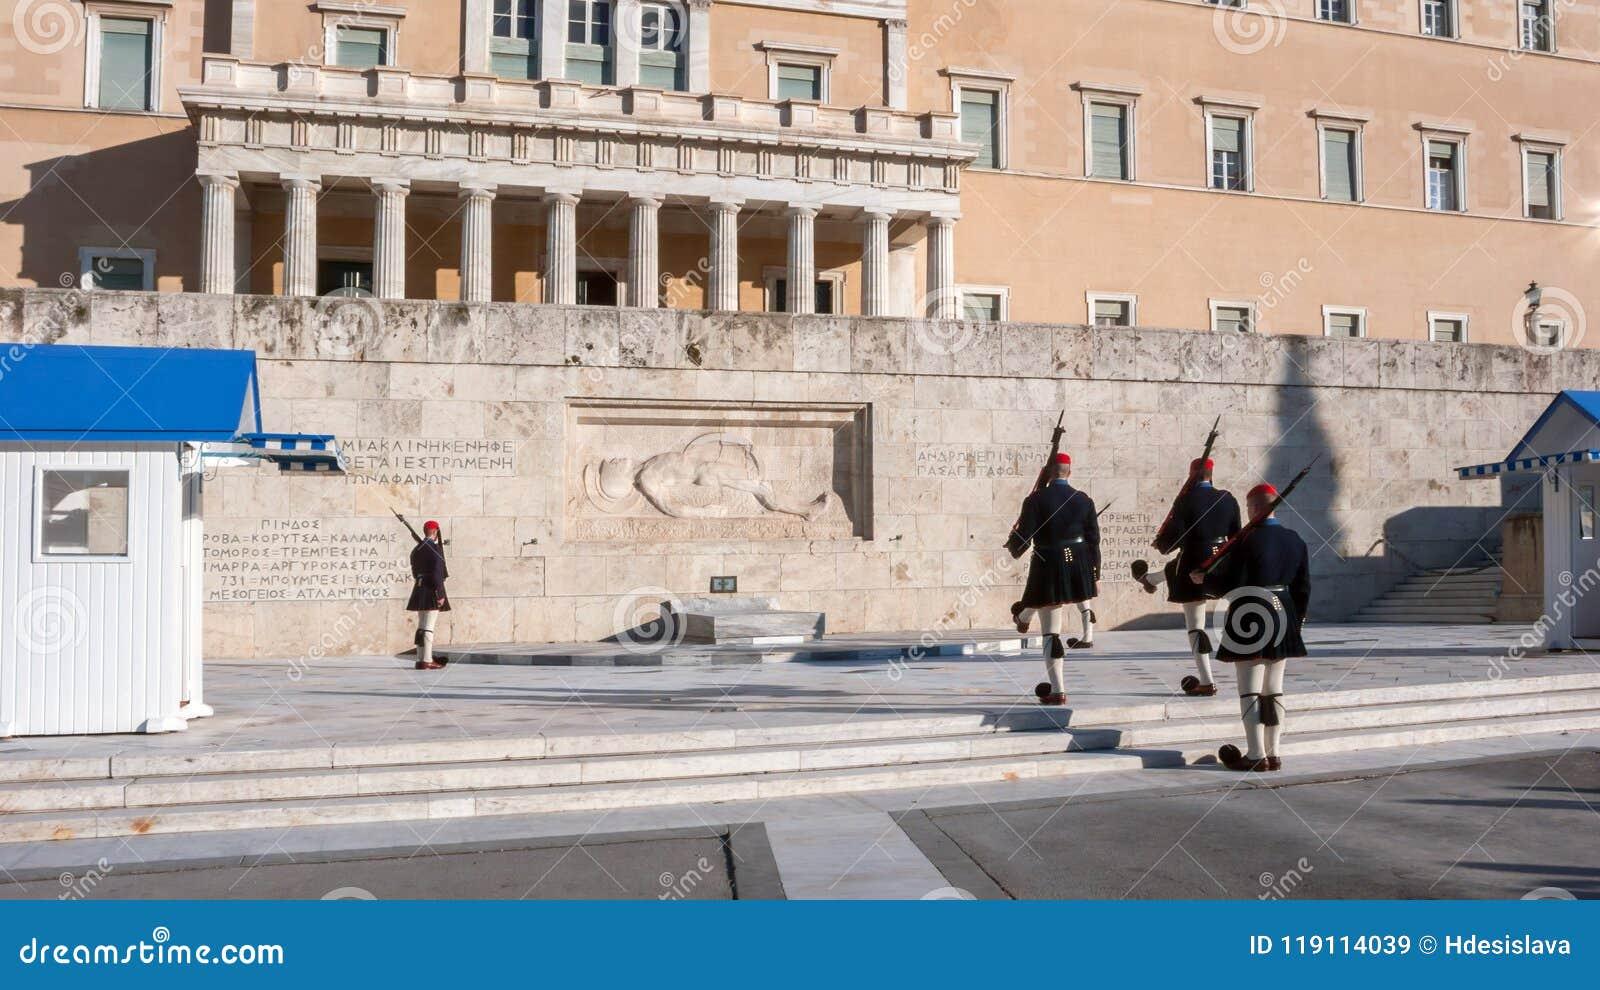 Evzones - protetores presidenciais do ceremonial no túmulo do soldado desconhecido no parlamento grego